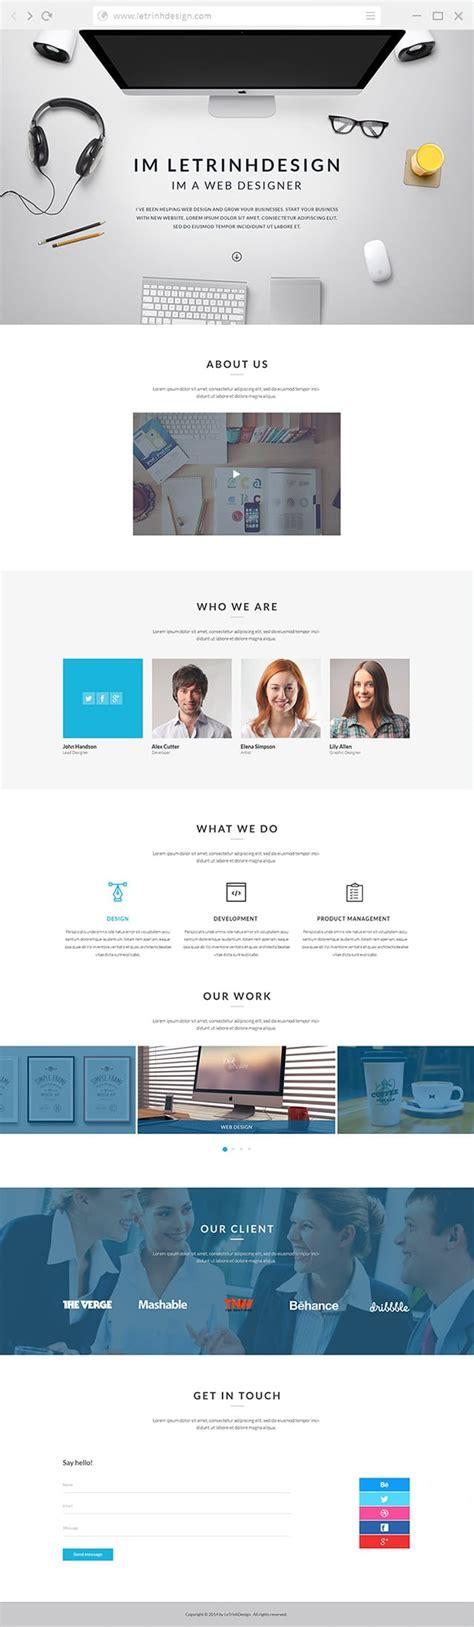 Free Portfolio Website Templates Psd 187 Css Author Portfolio Website Templates